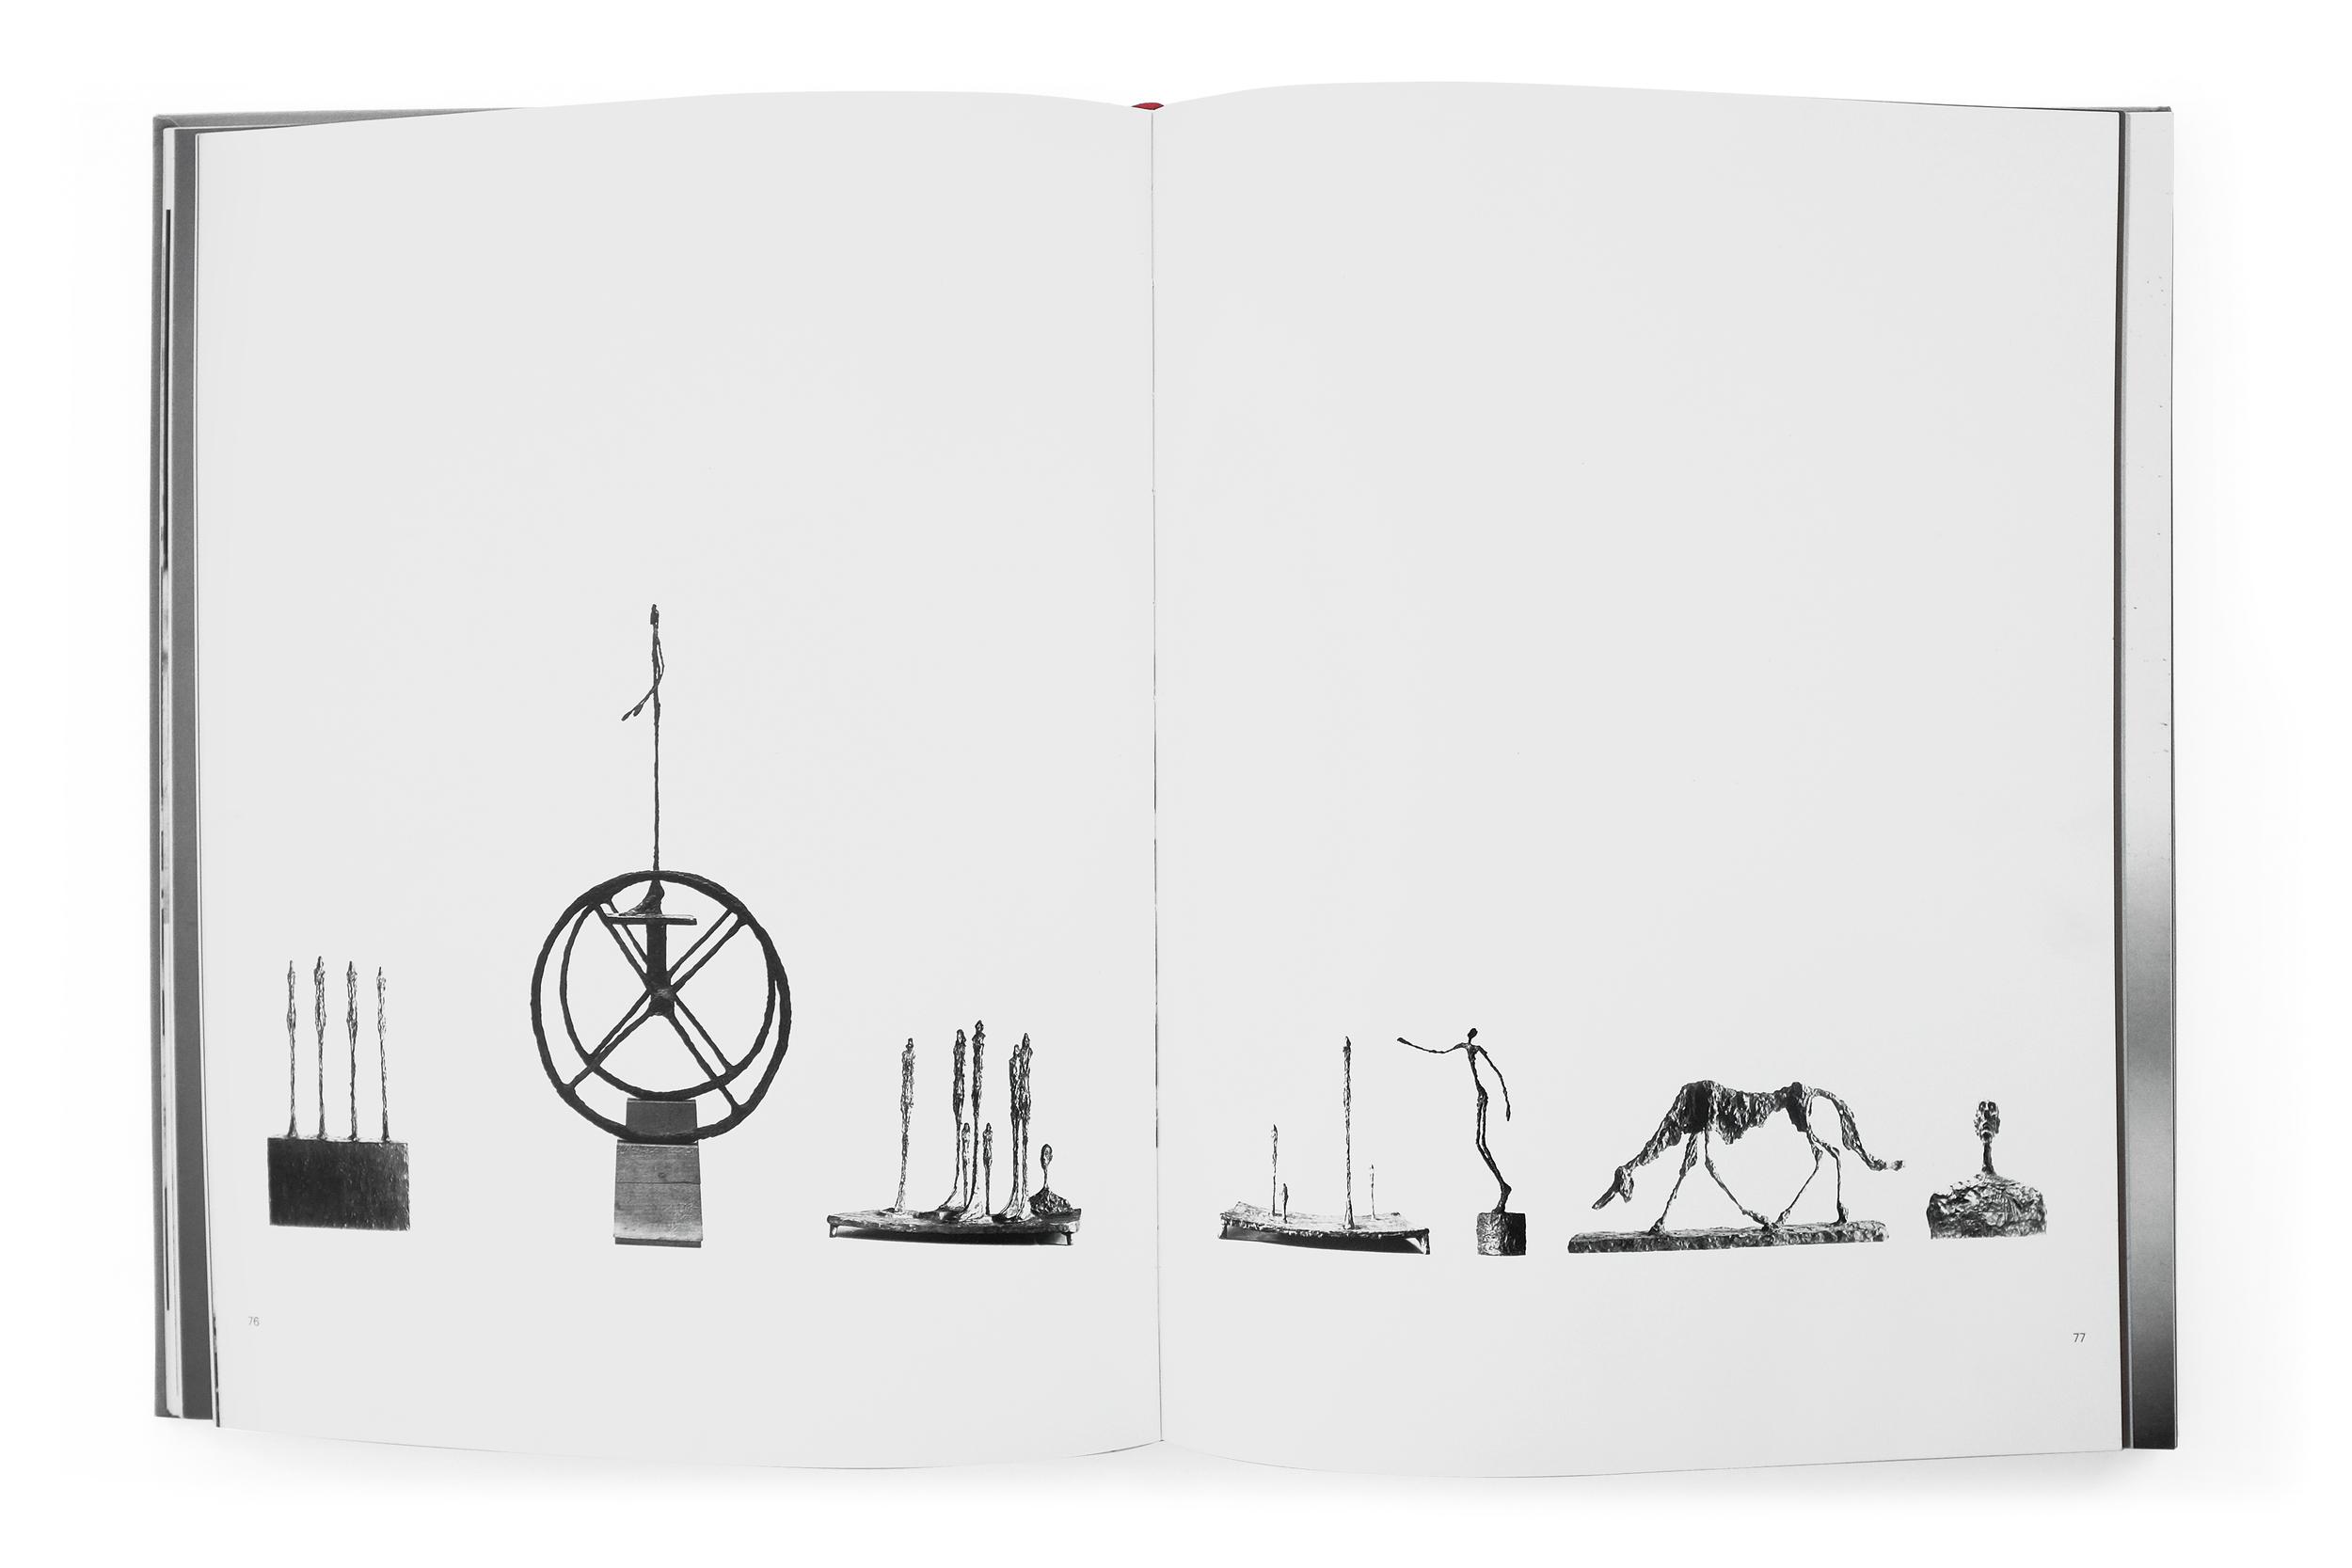 giacometti_book23.jpg